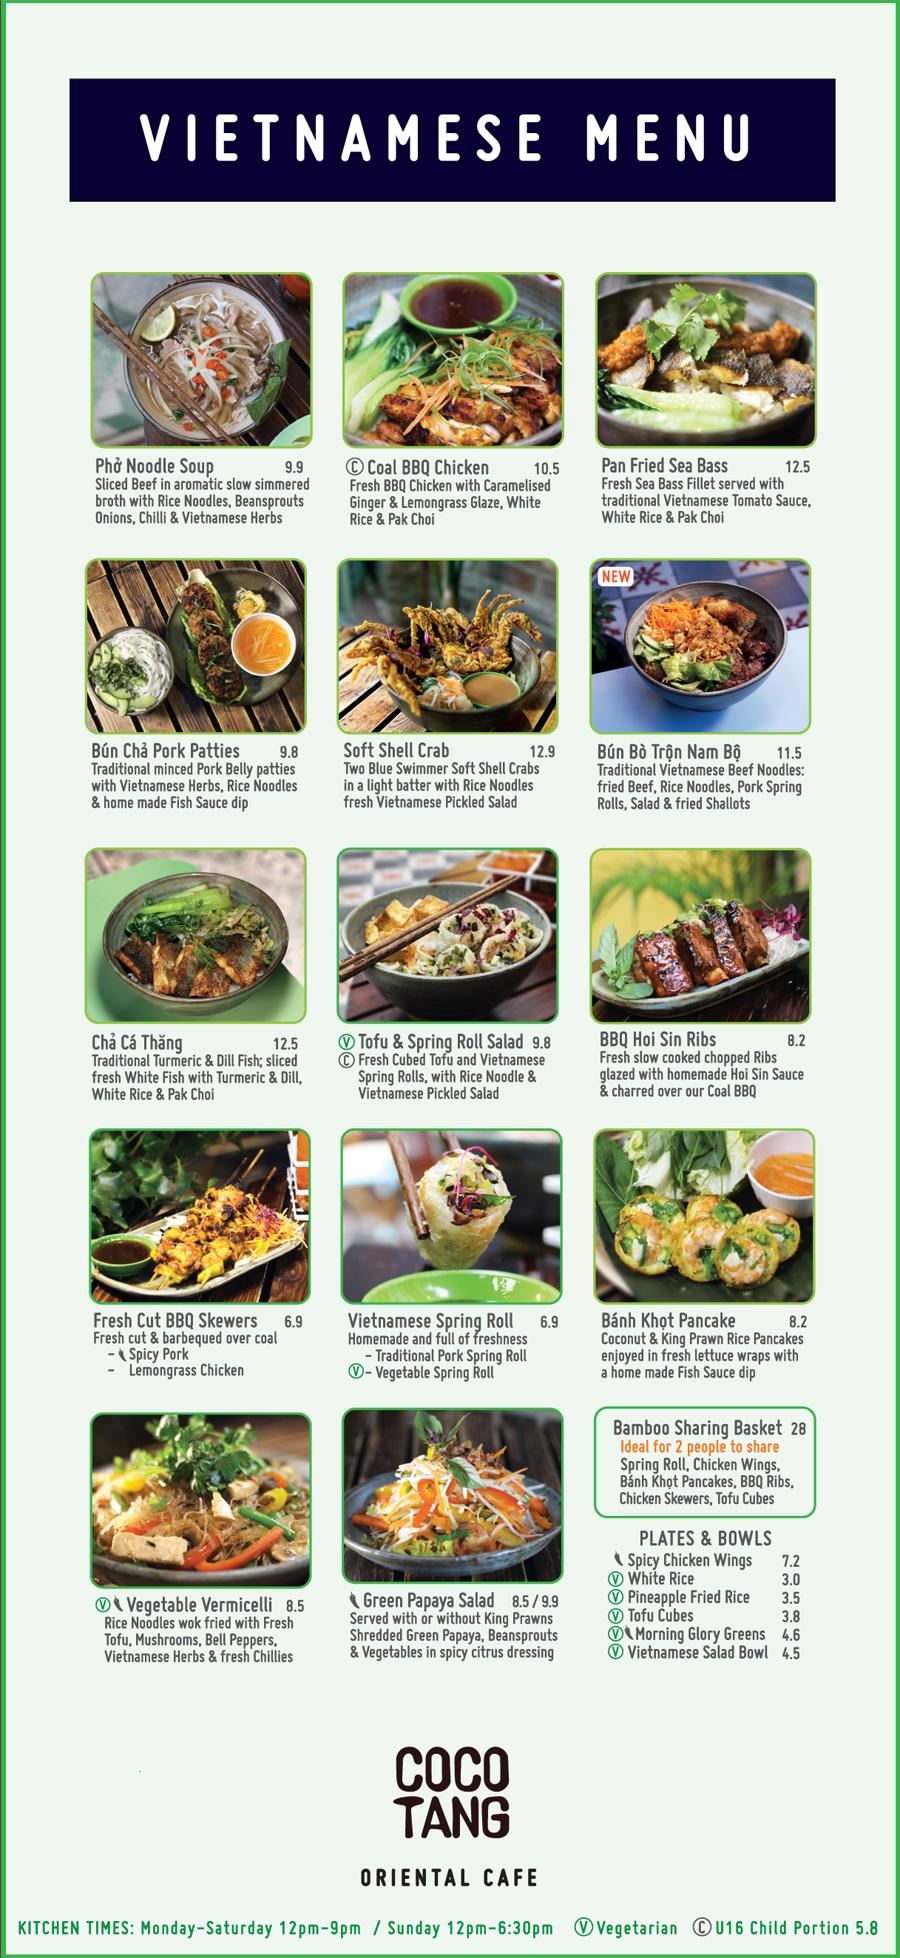 cocotang cafe menu